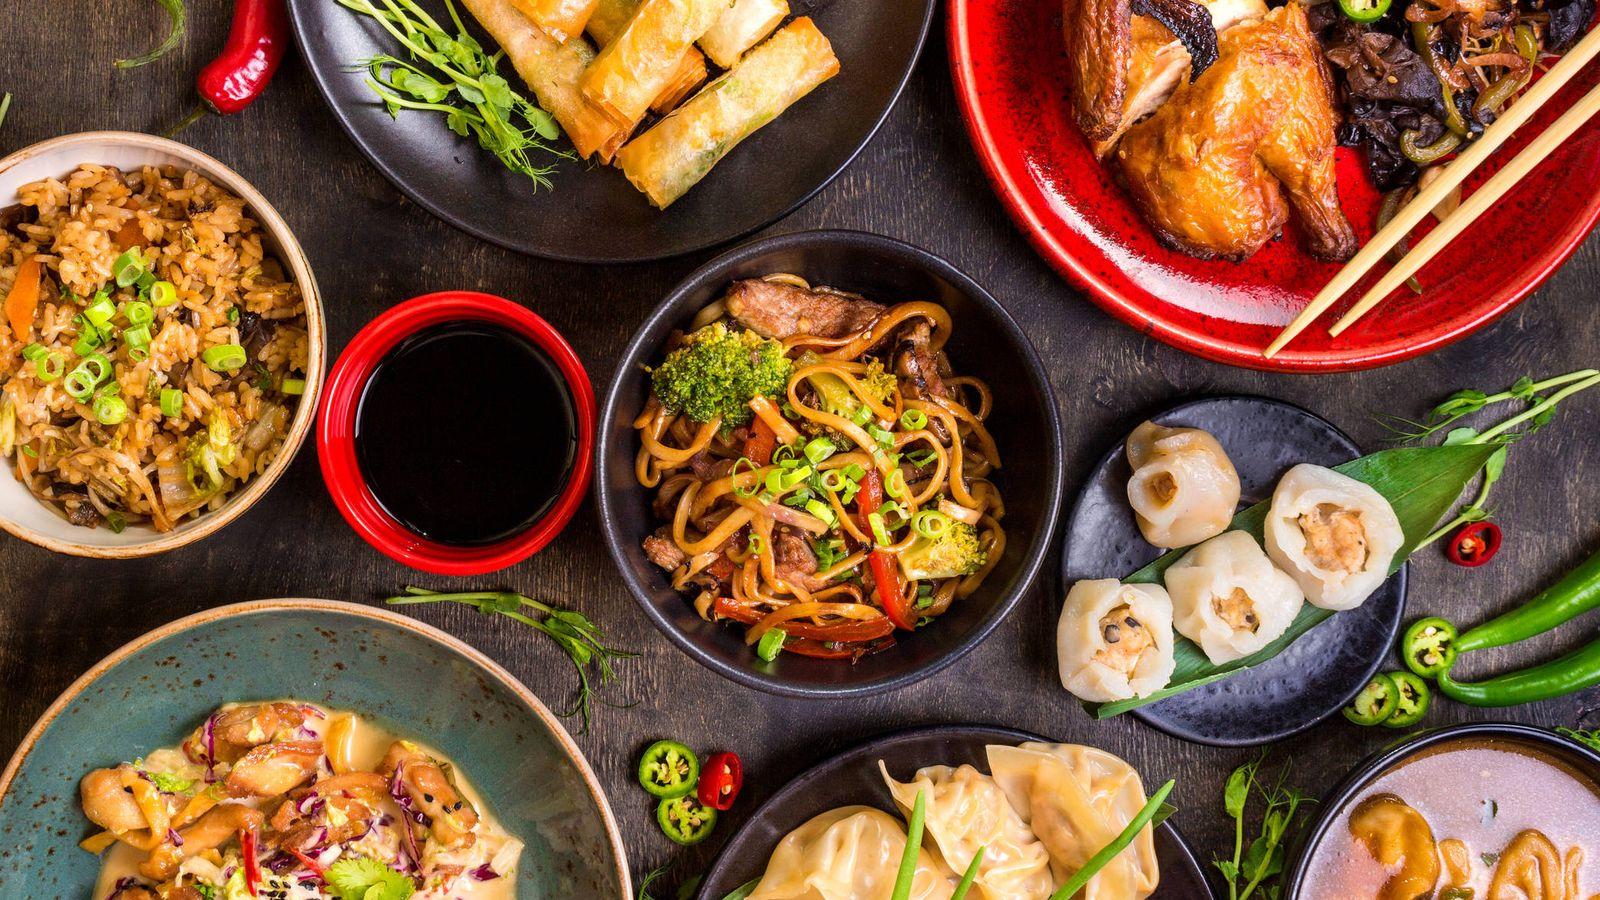 comida china de Mexicali, entre la comida tipica de Baja California